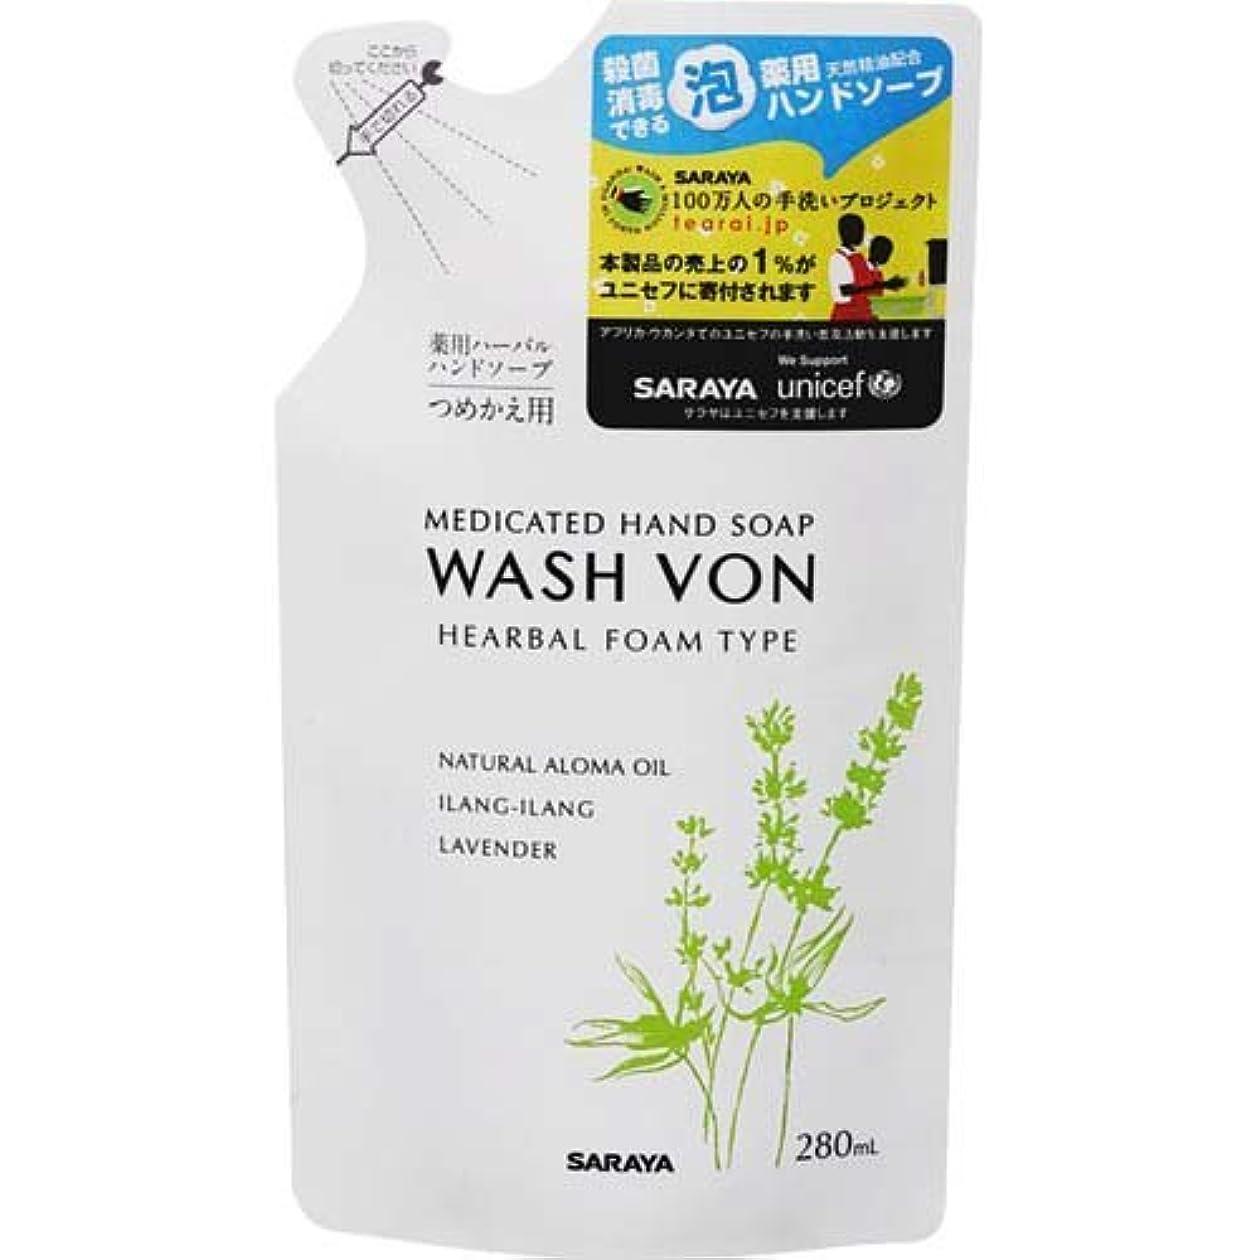 苦しむエアコン栄養WASH VONハーバル薬用ハンドソープ 詰替 280ml × 3個